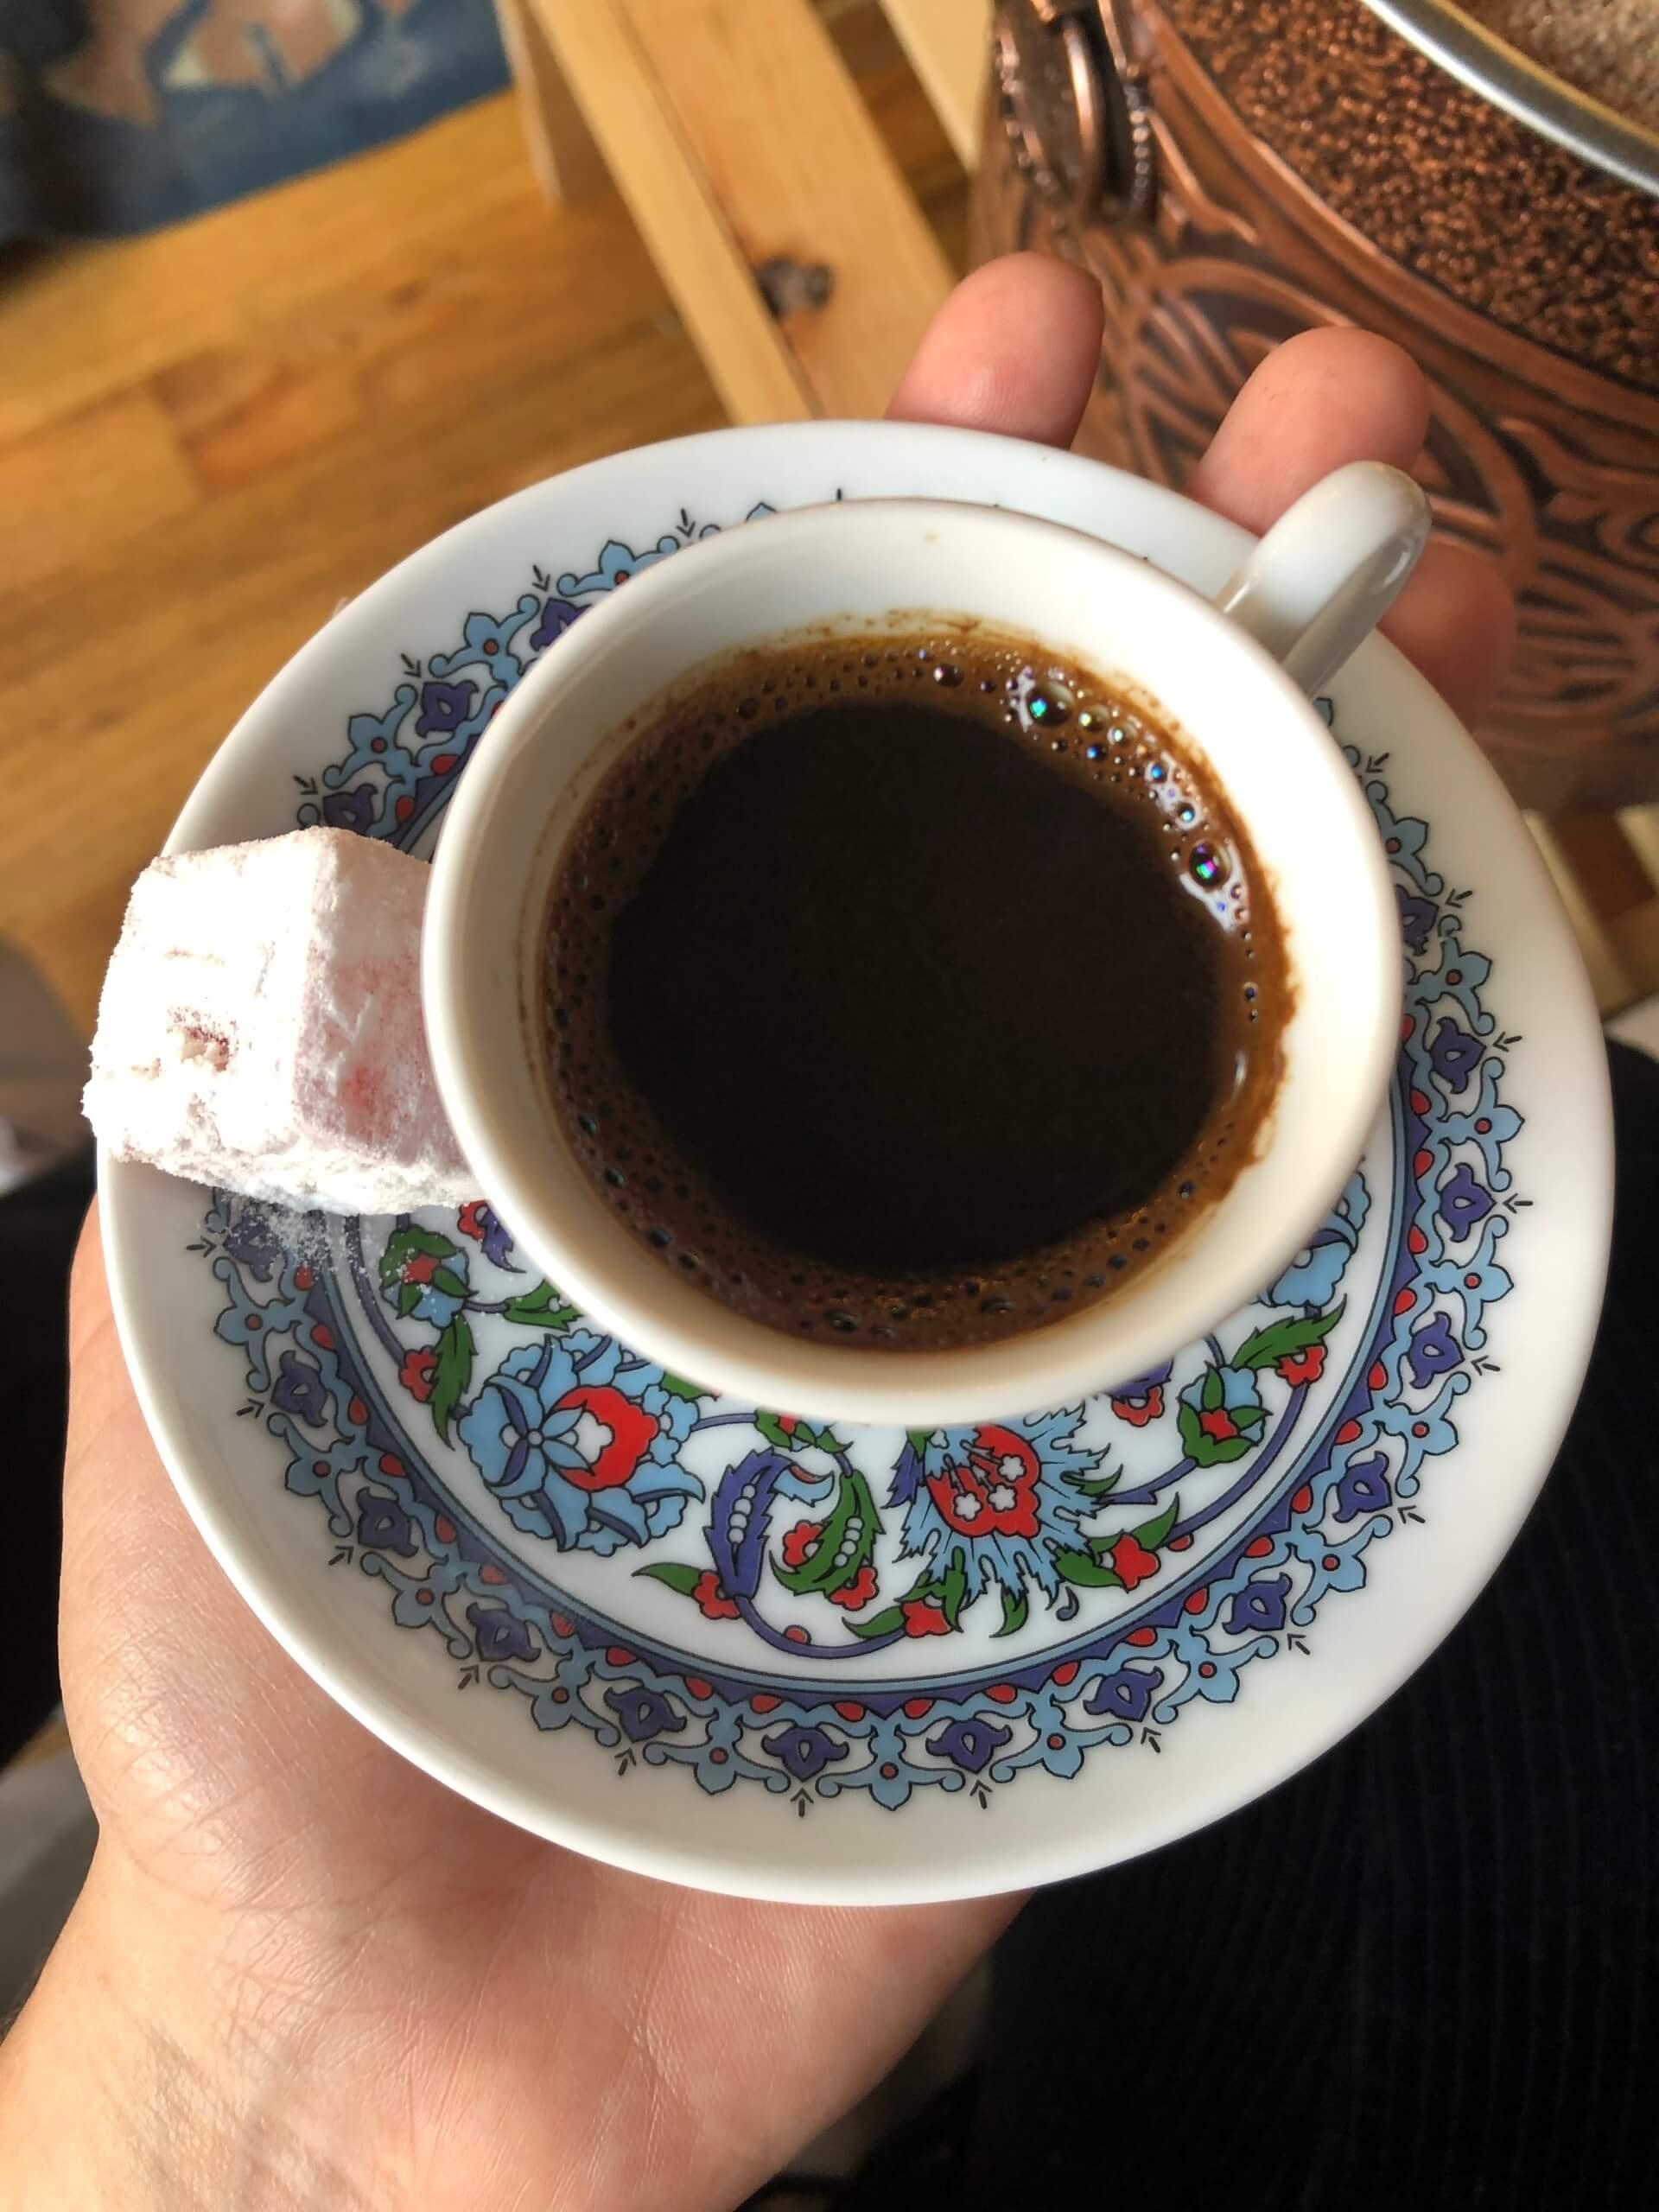 Imagem: Meu café pronto, acompanhado de lokum sabor rosas.